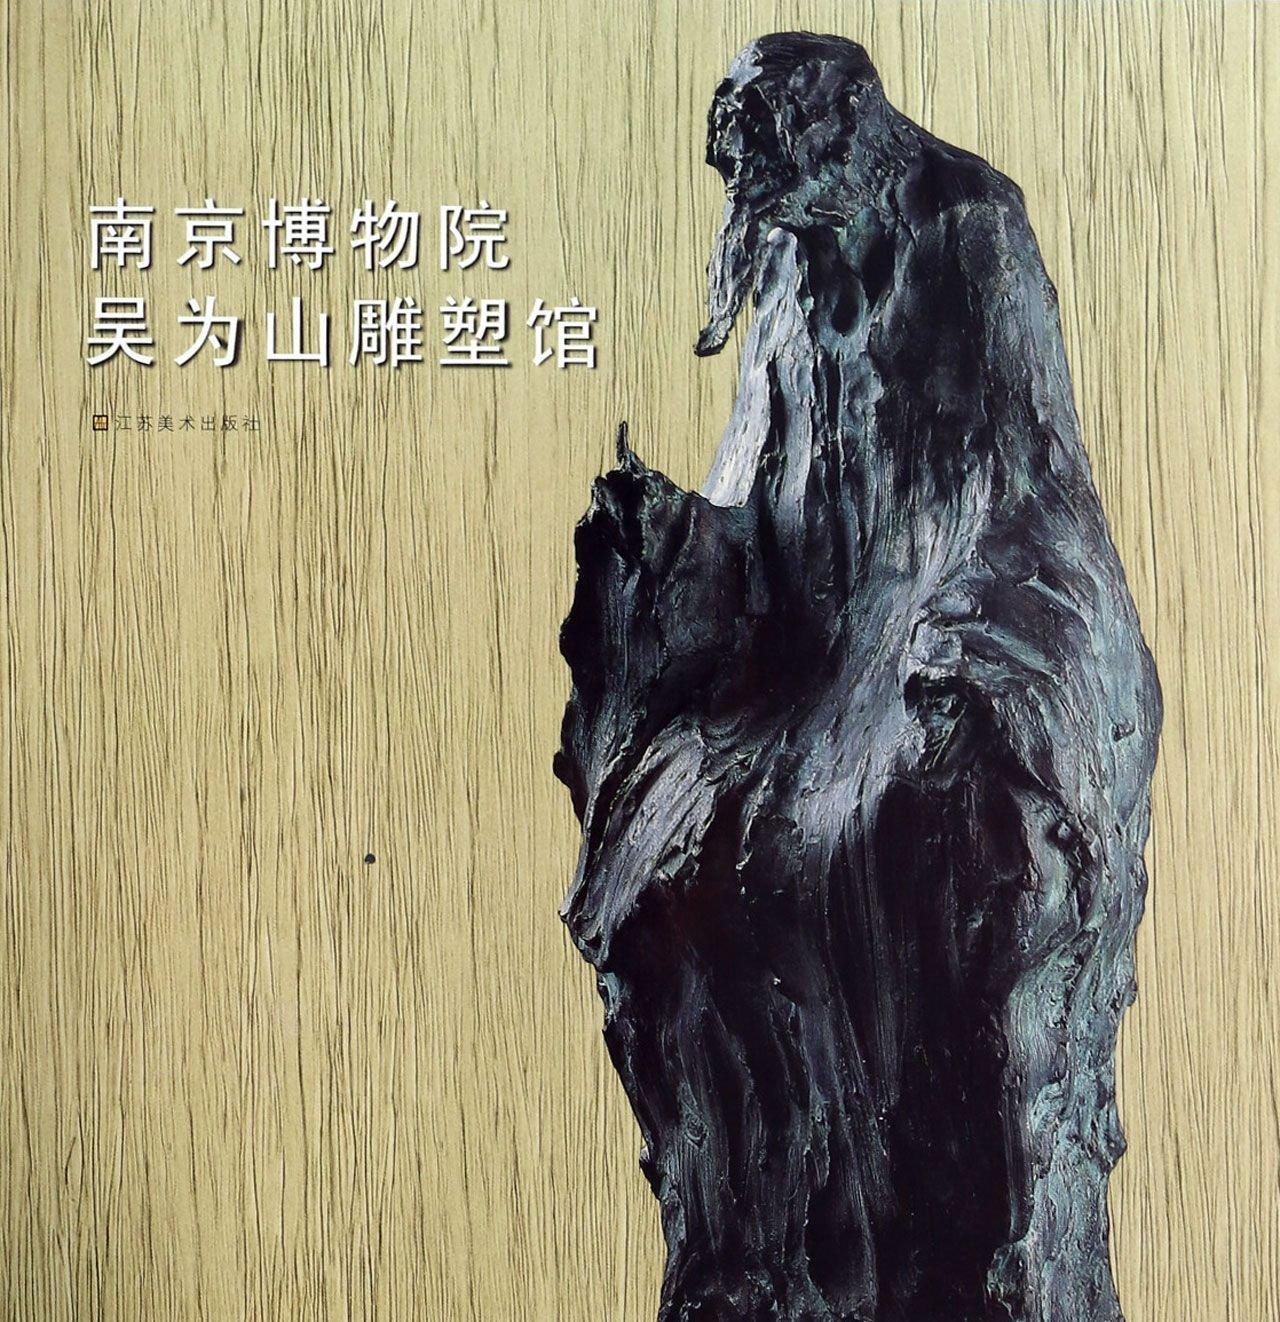 Download Genuine new Nanjing Museum Wu Weishan Sculpture Museum . Nanjing . Jiangsu Fine Arts Publishing House Museum Phoenix Publishing & Media Group 9787534468711(Chinese Edition) pdf epub